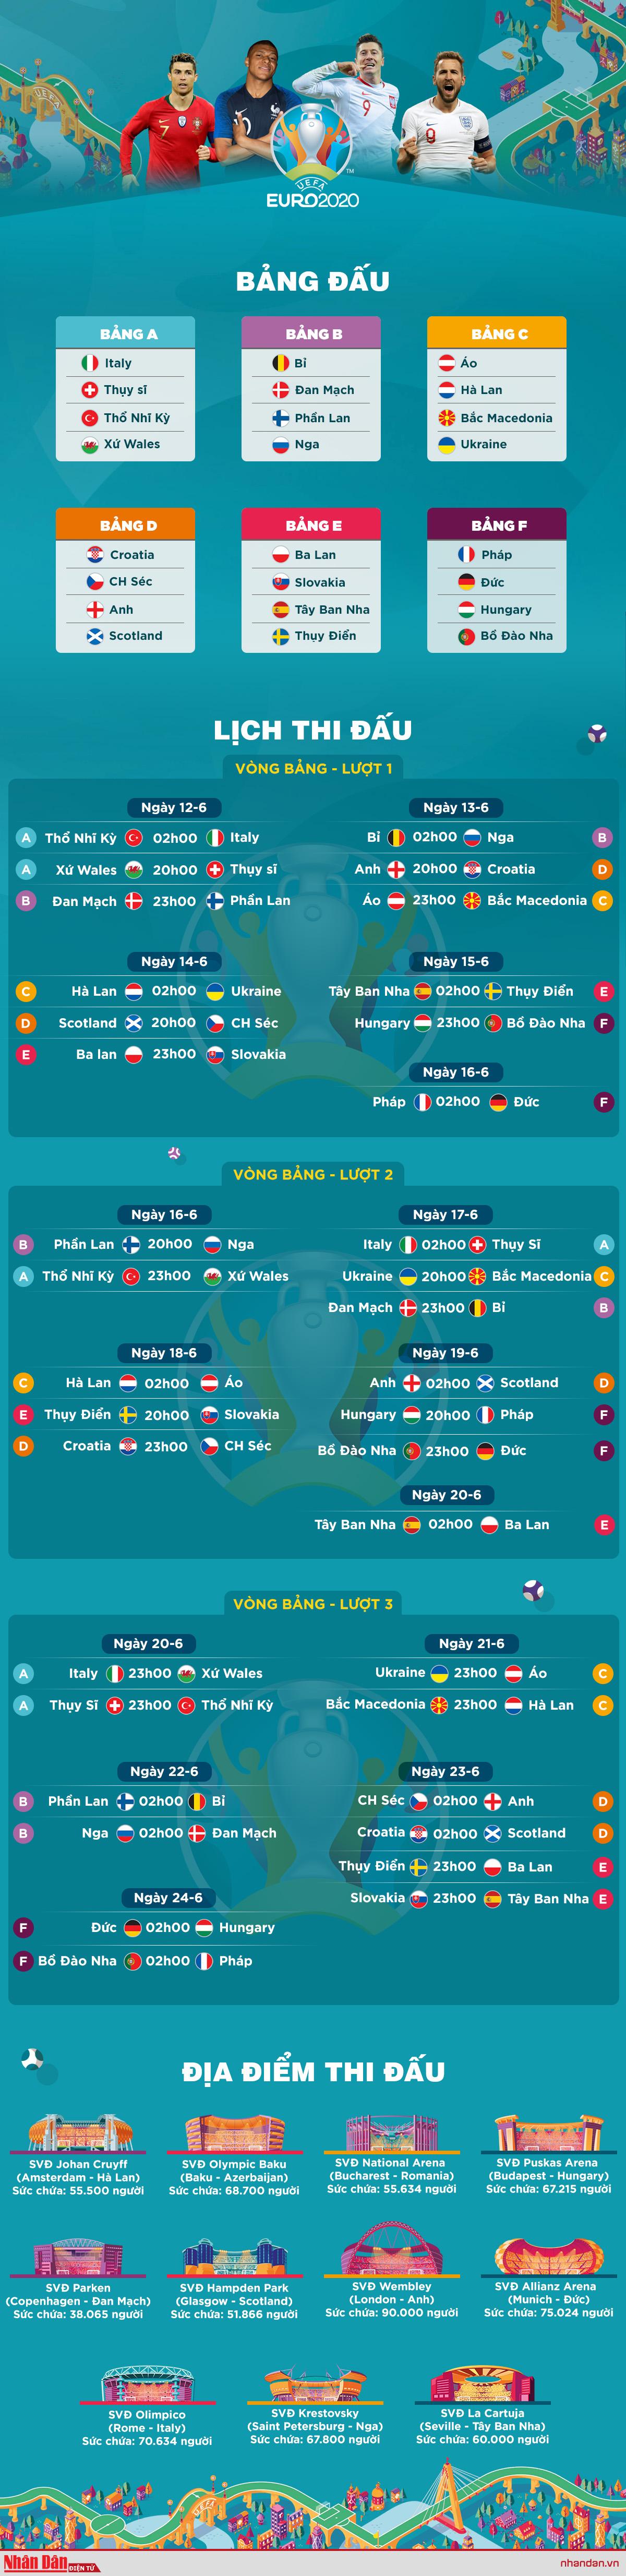 Lịch thi đấu Euro 2020 -0